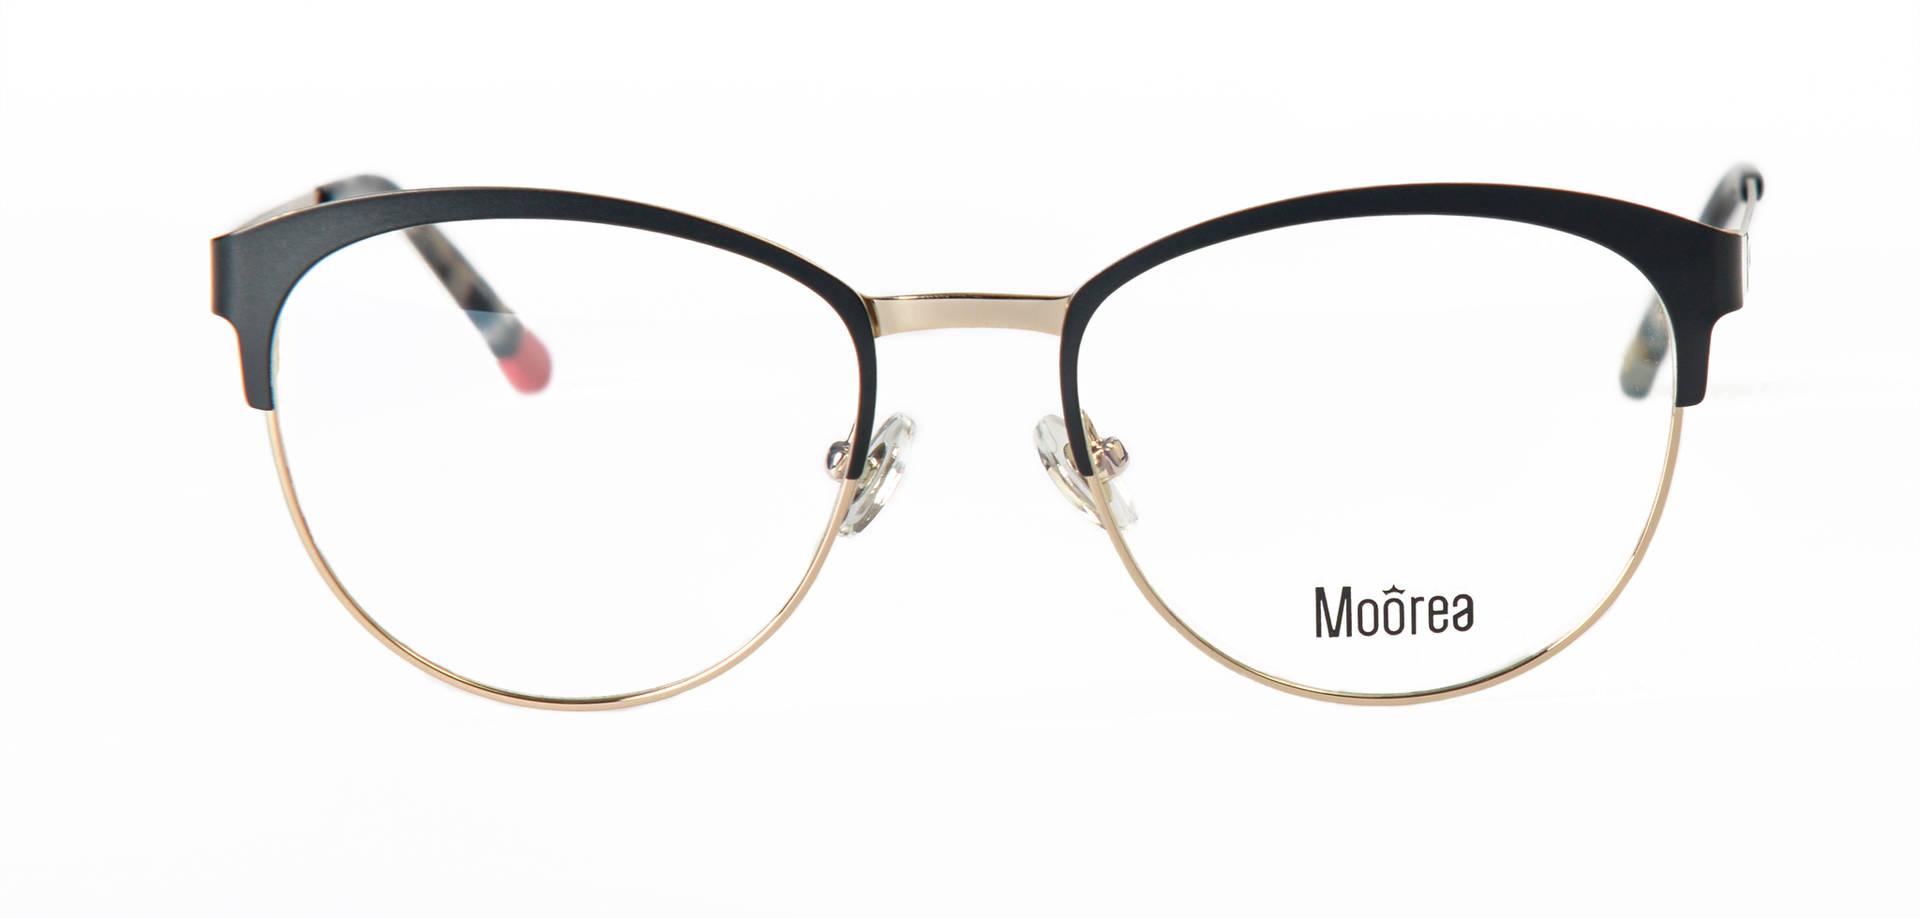 7R3-MOOREA-04 C1